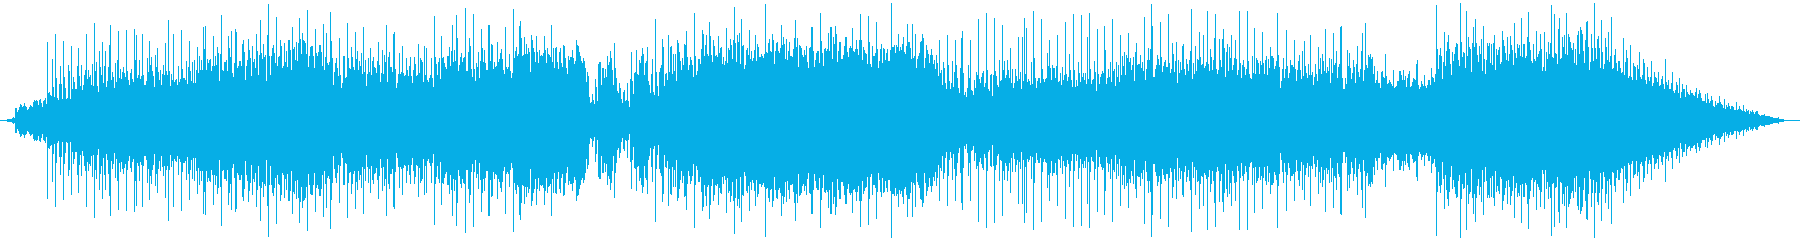 陽気なケルト風酒場BGMの再生済みの波形